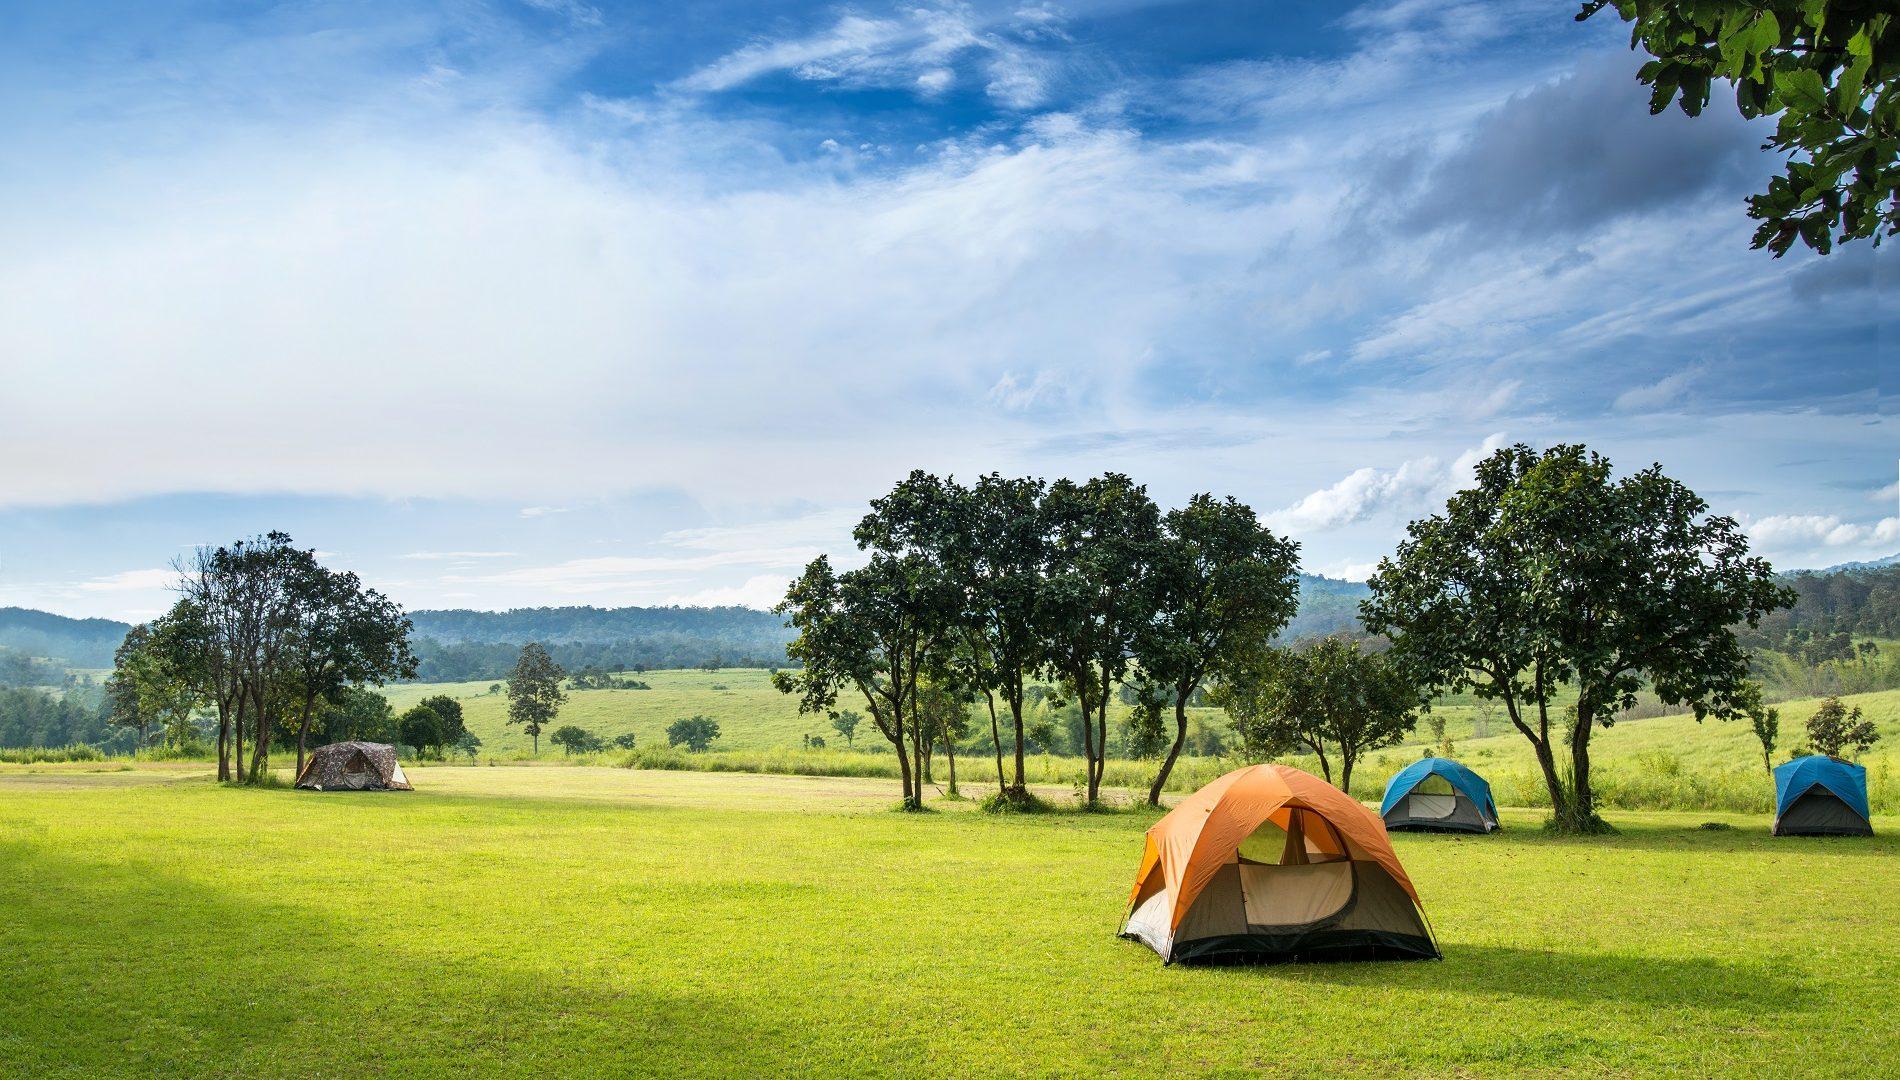 fare campeggio in italia